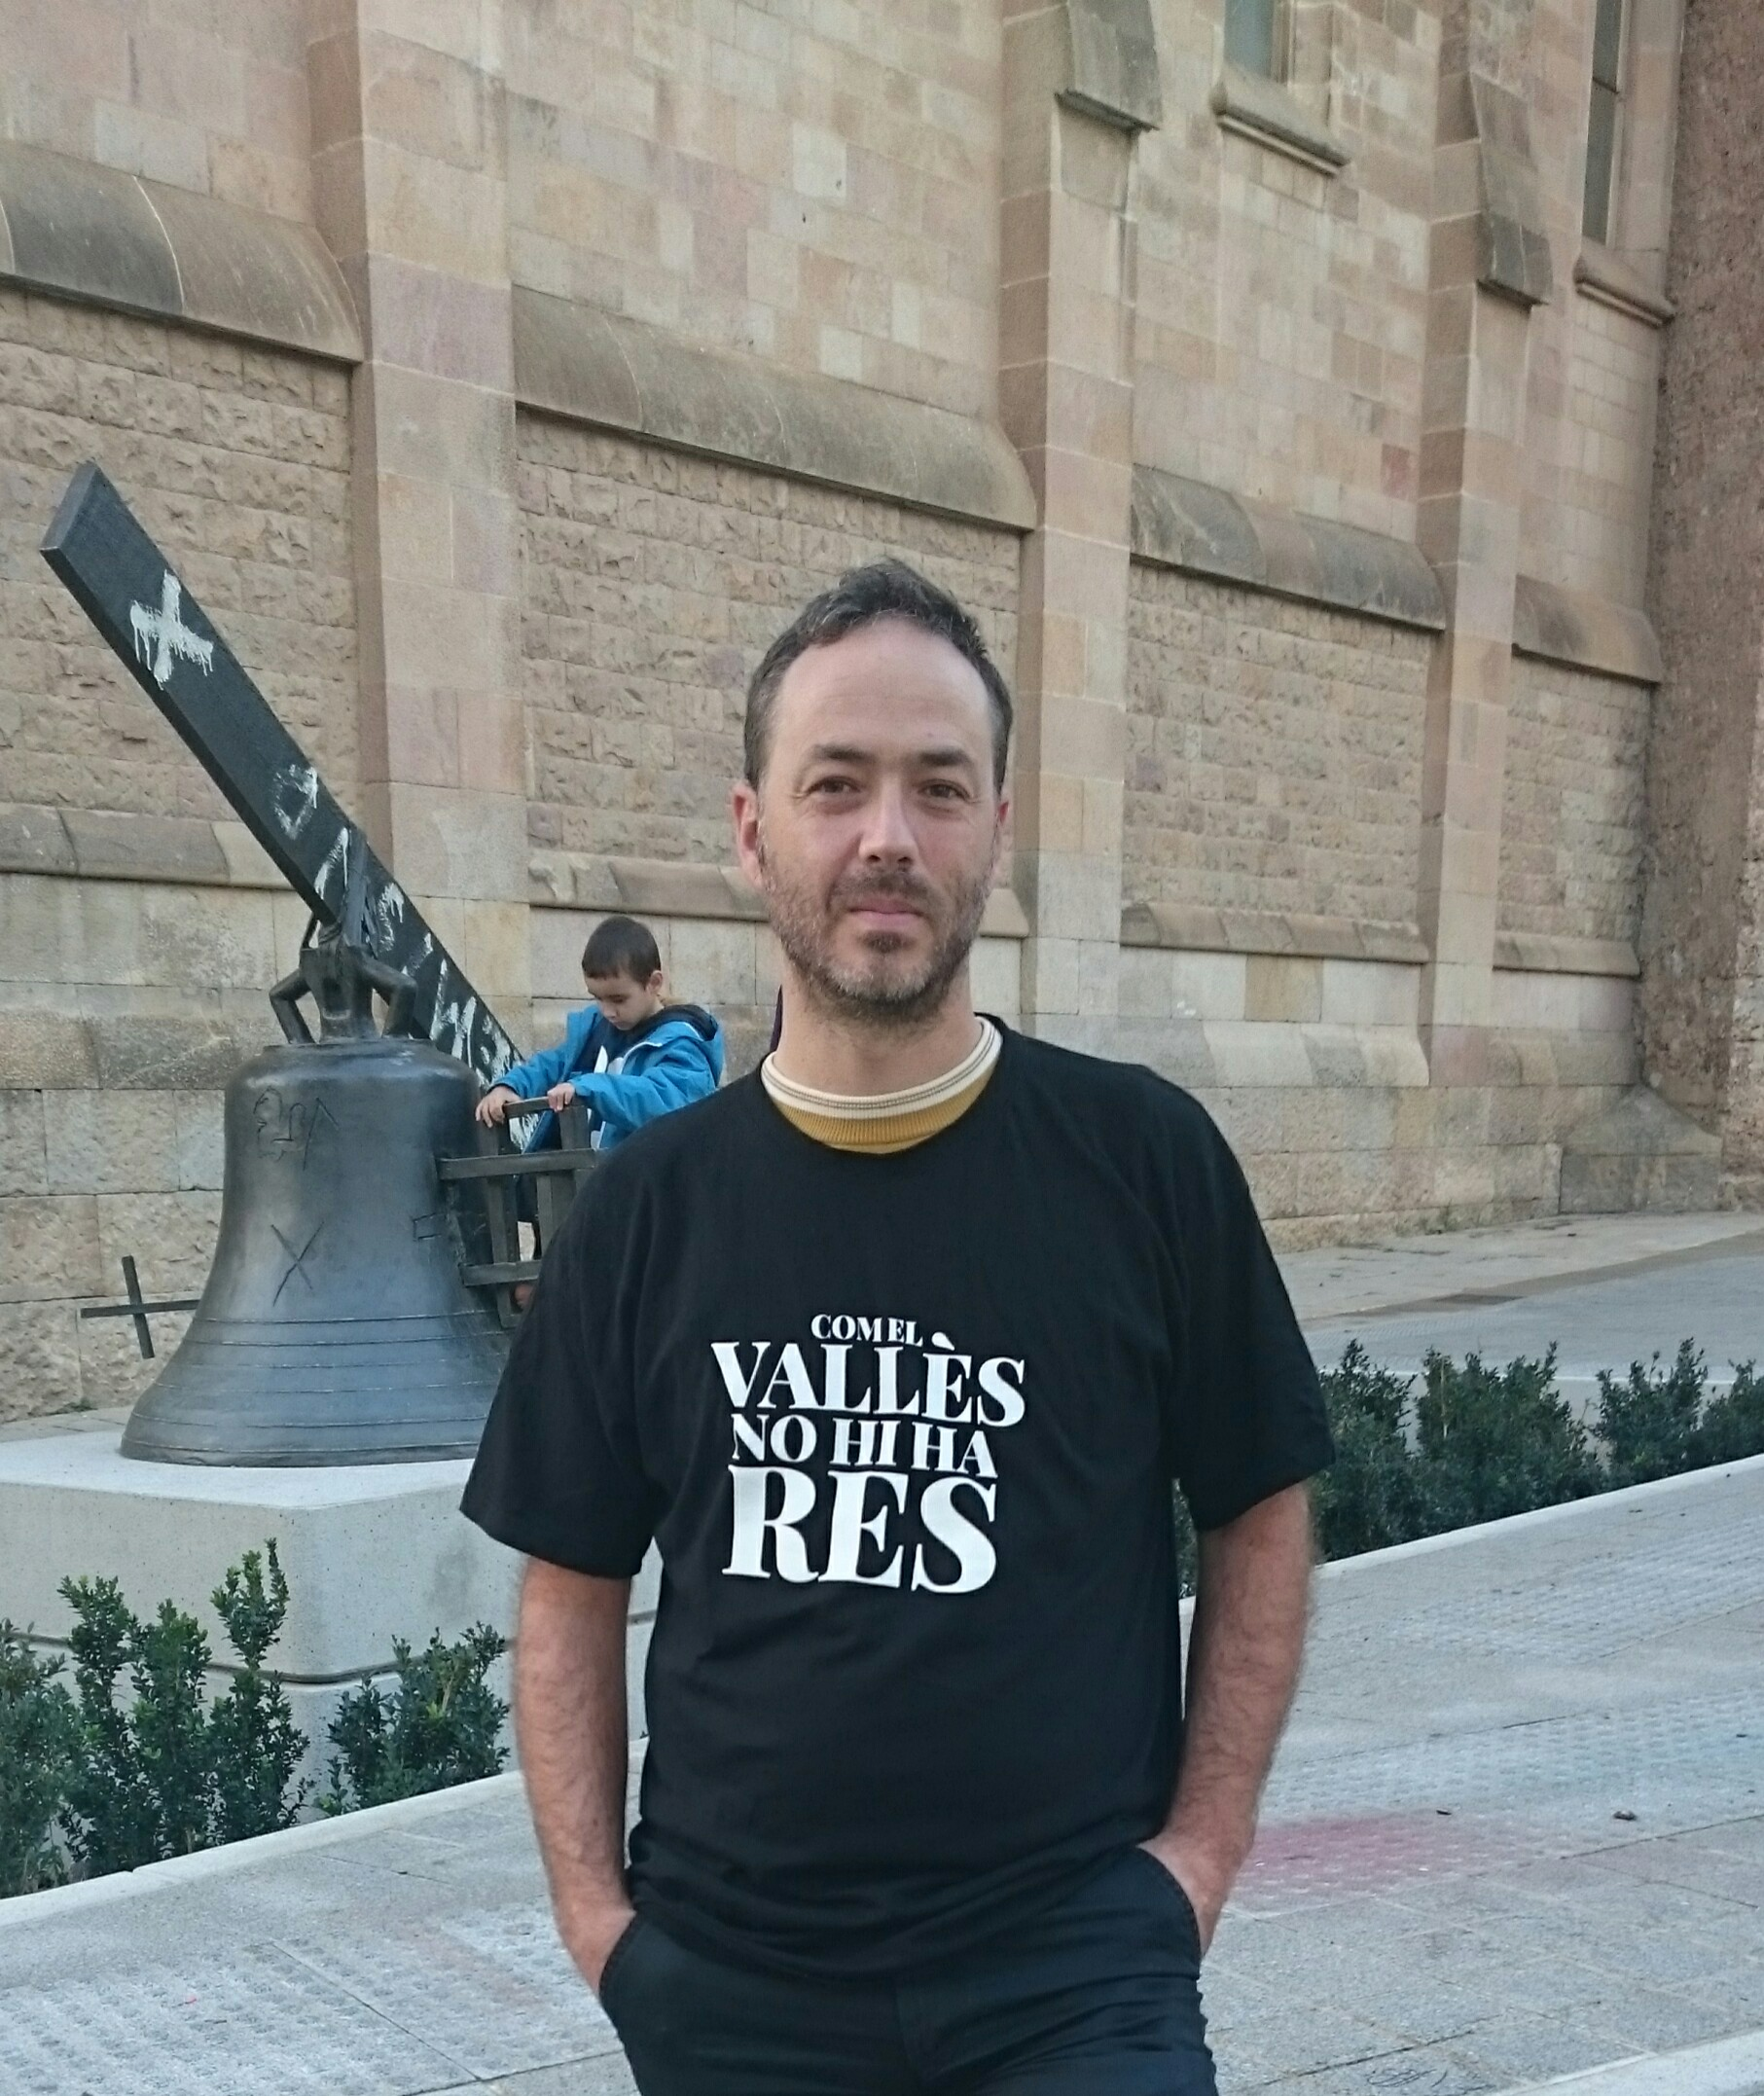 Carles Belda al Racó del Campanar de Sabadell, amb la samarreta de l'Any Joan Oliver